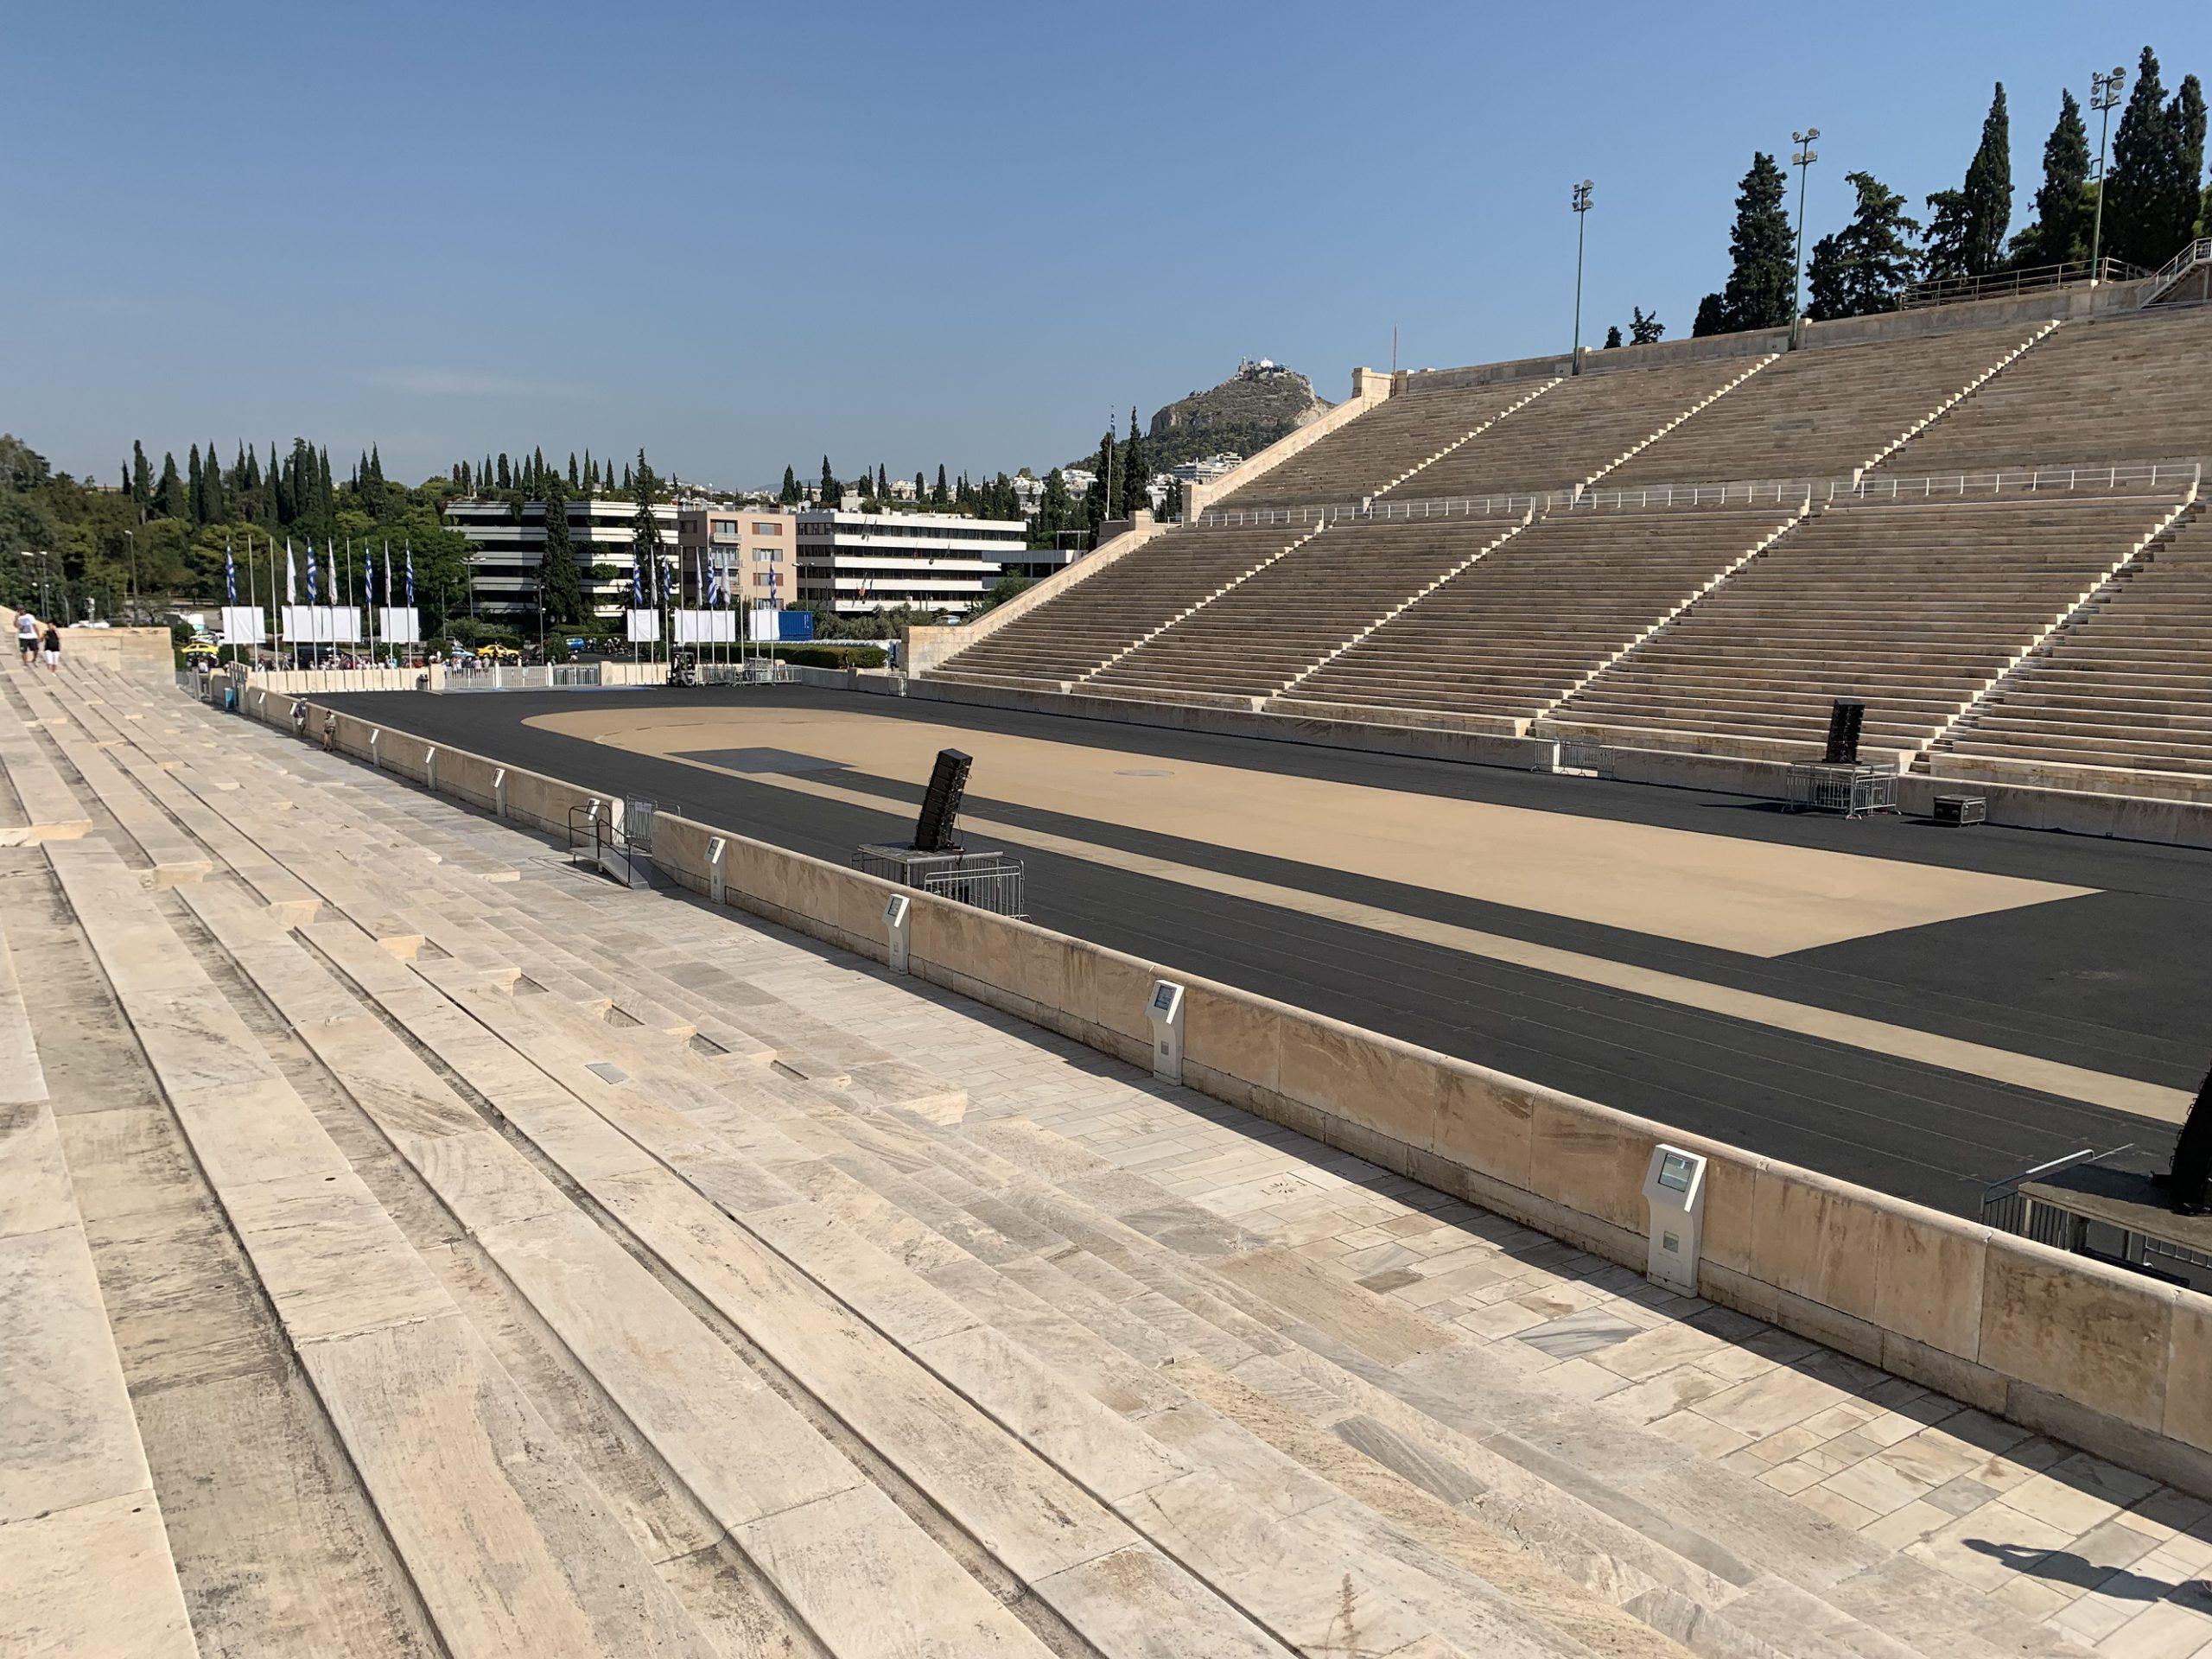 パナテナイック スタジアム-アテネ-ギリシャ-撮影:劉雲昊2019.9.9